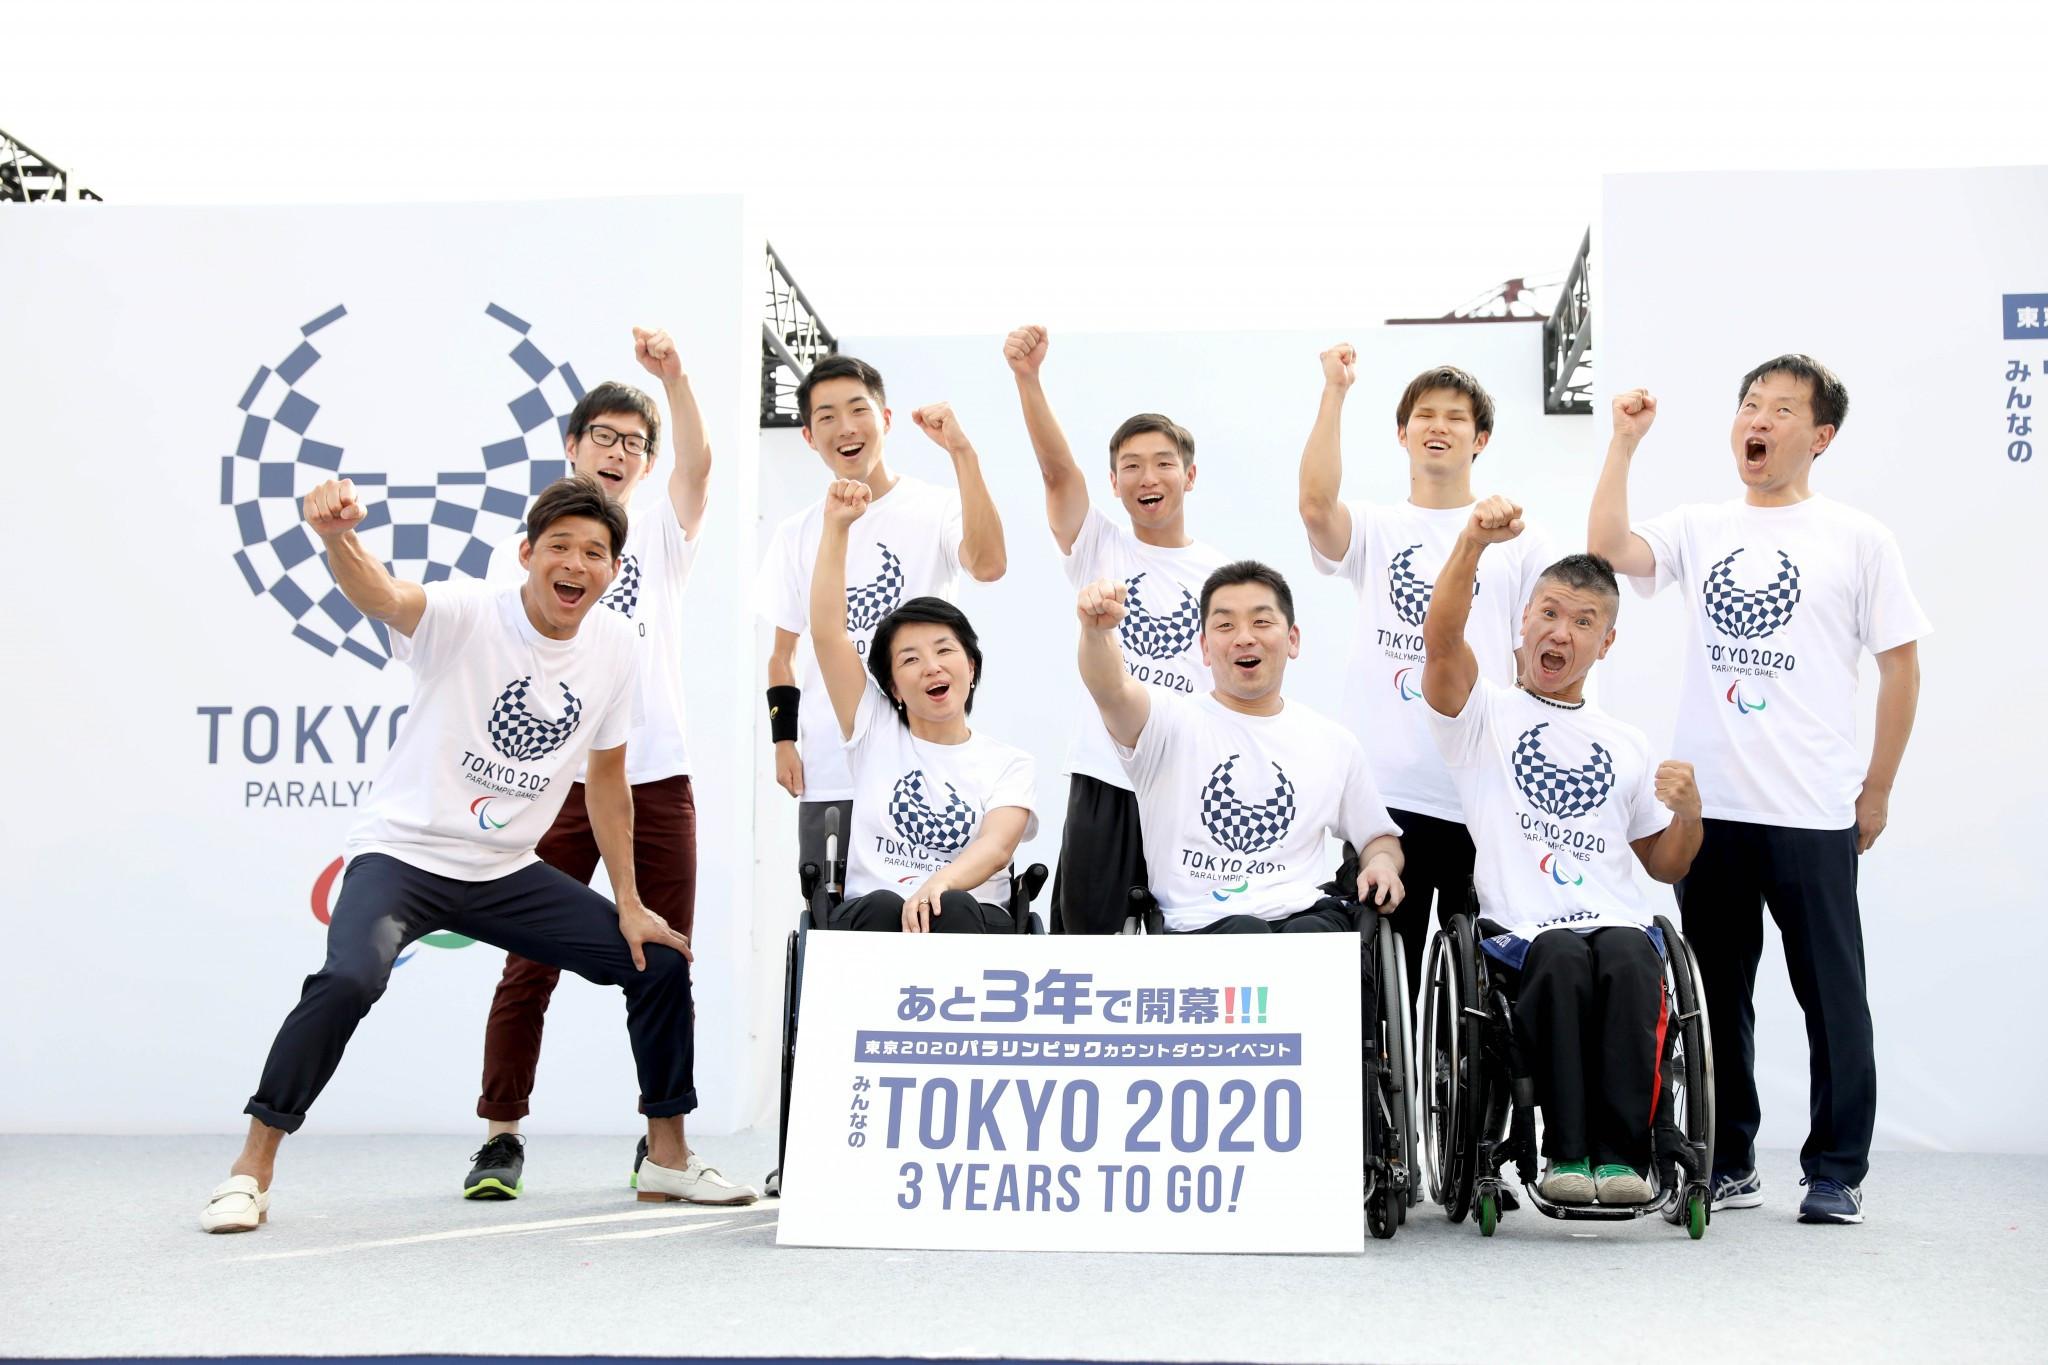 Tokyo 2020 mark three-years-to-go before Paralympics